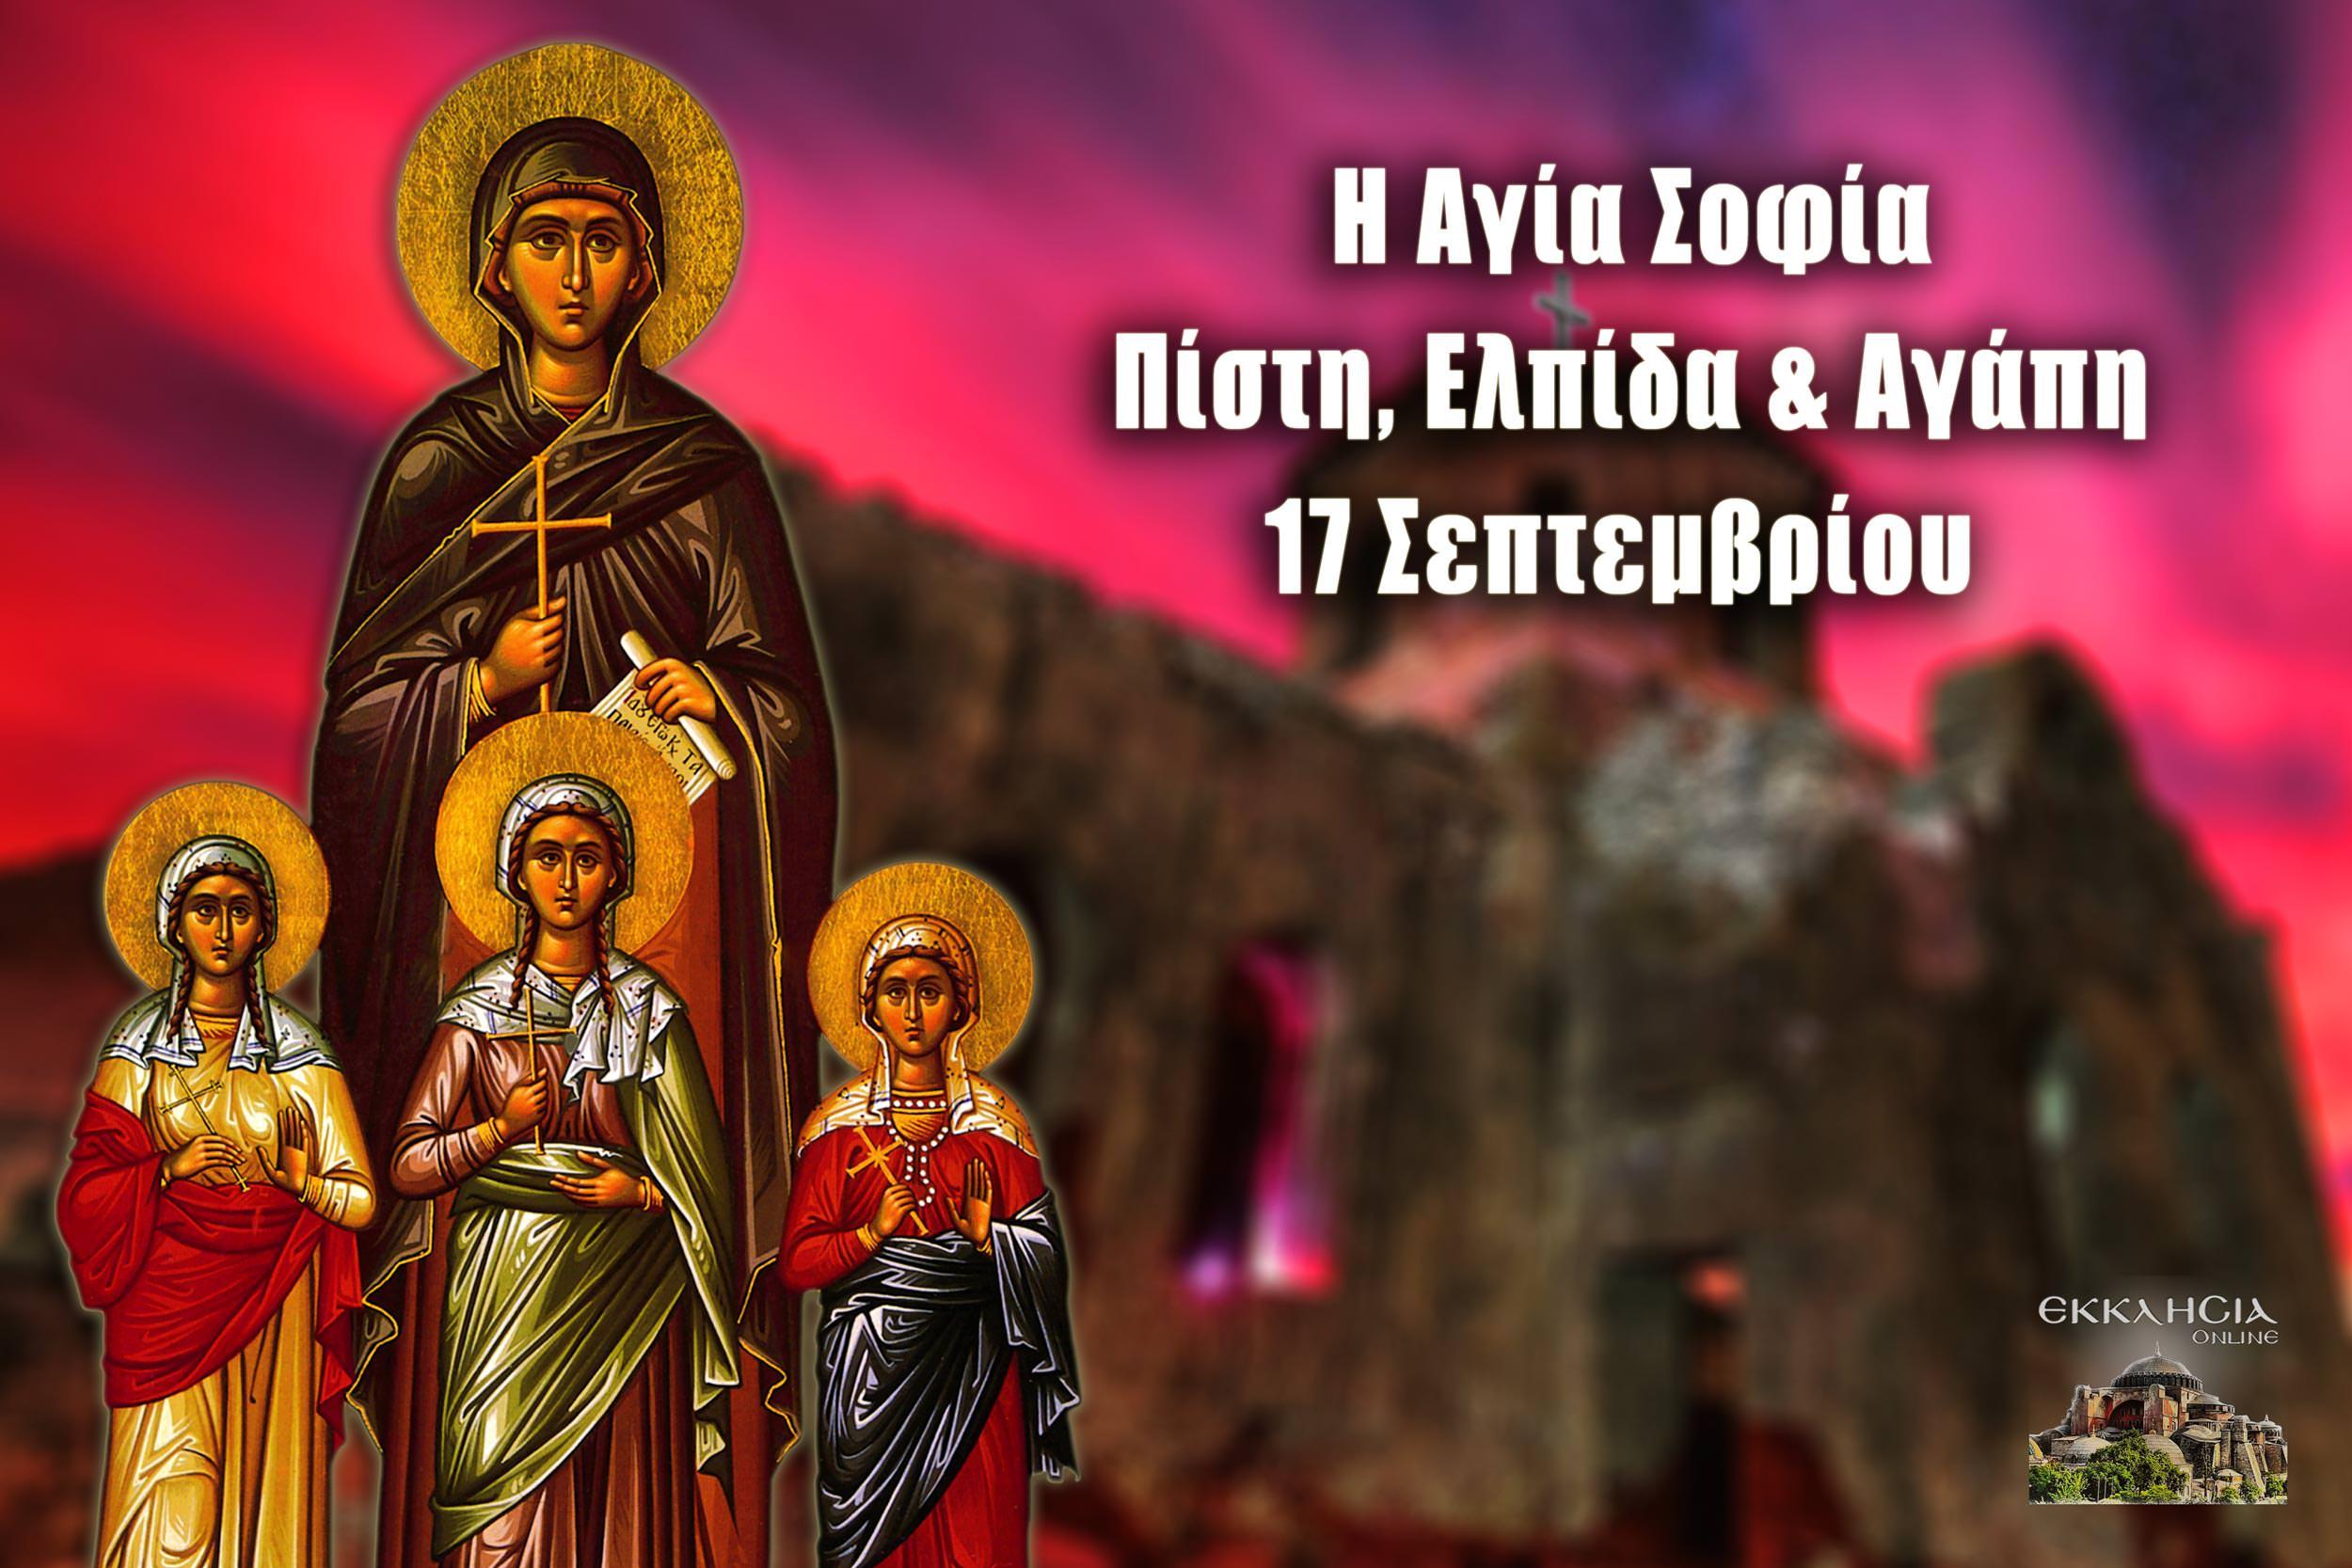 Αγία Σοφία Πίστη Ελπίδα και Αγάπη 17 Σεπτεμβρίου